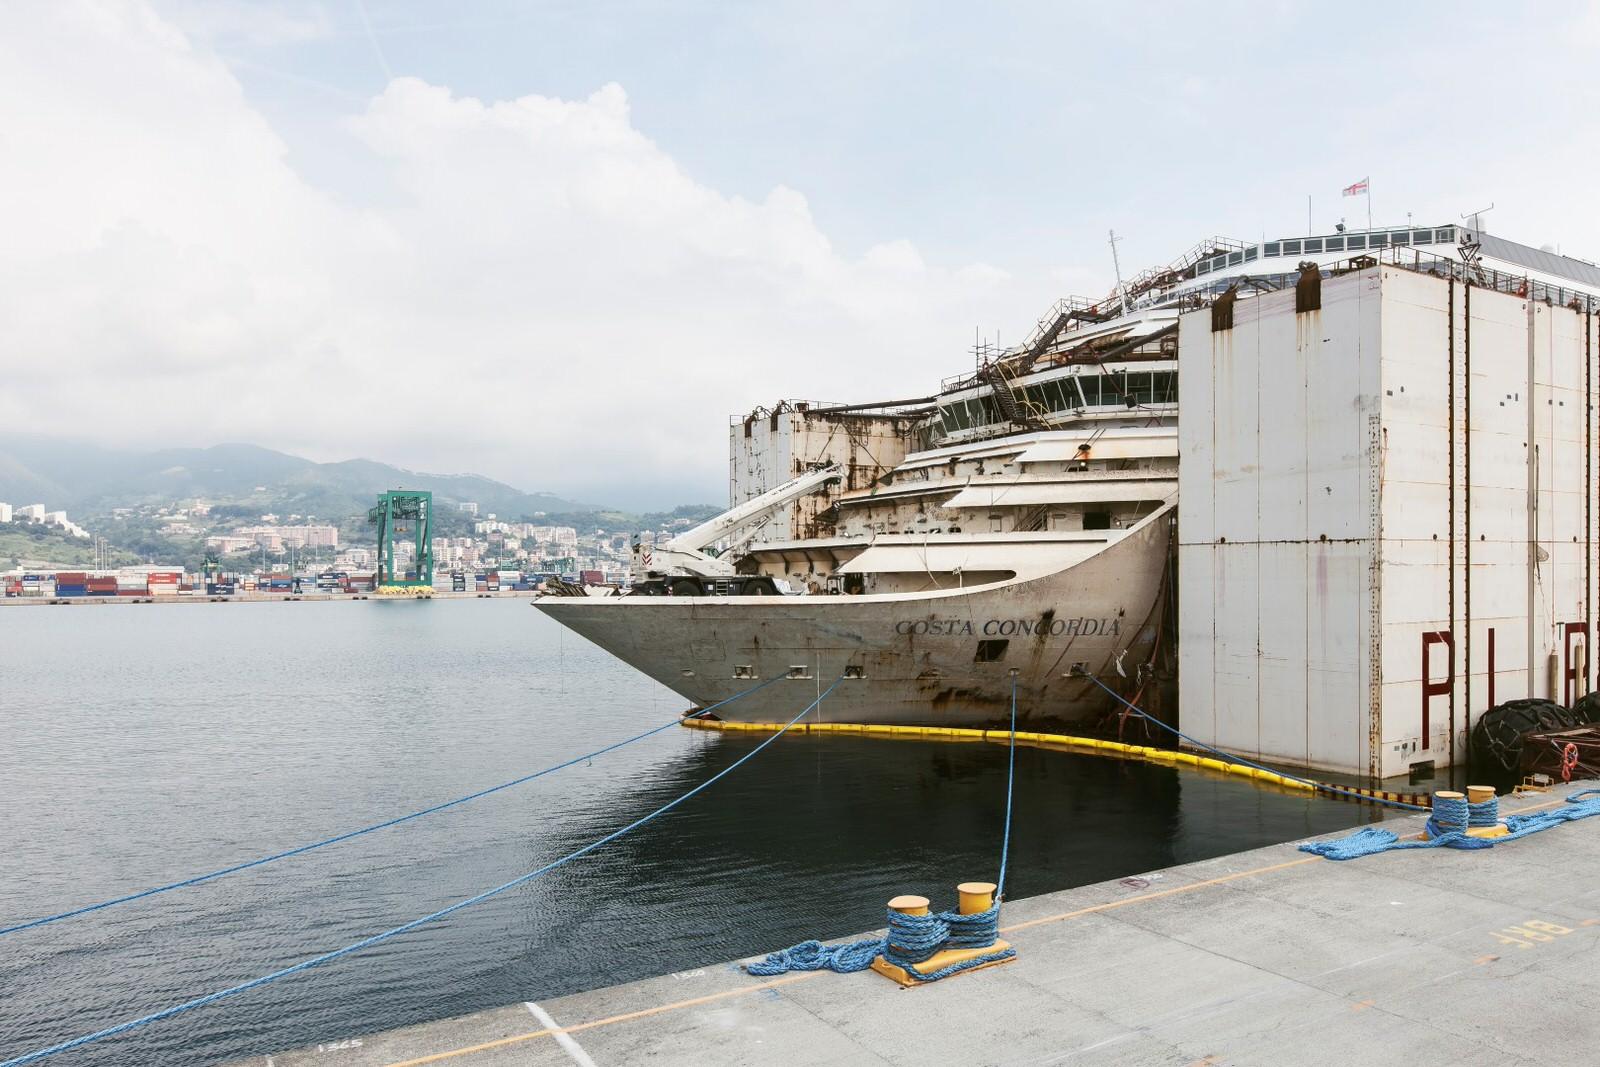 costa-concordia-another.kiev15 Призрачный флот: интерьеры внутри поднятого со дна круизного лайнера Коста Конкордия